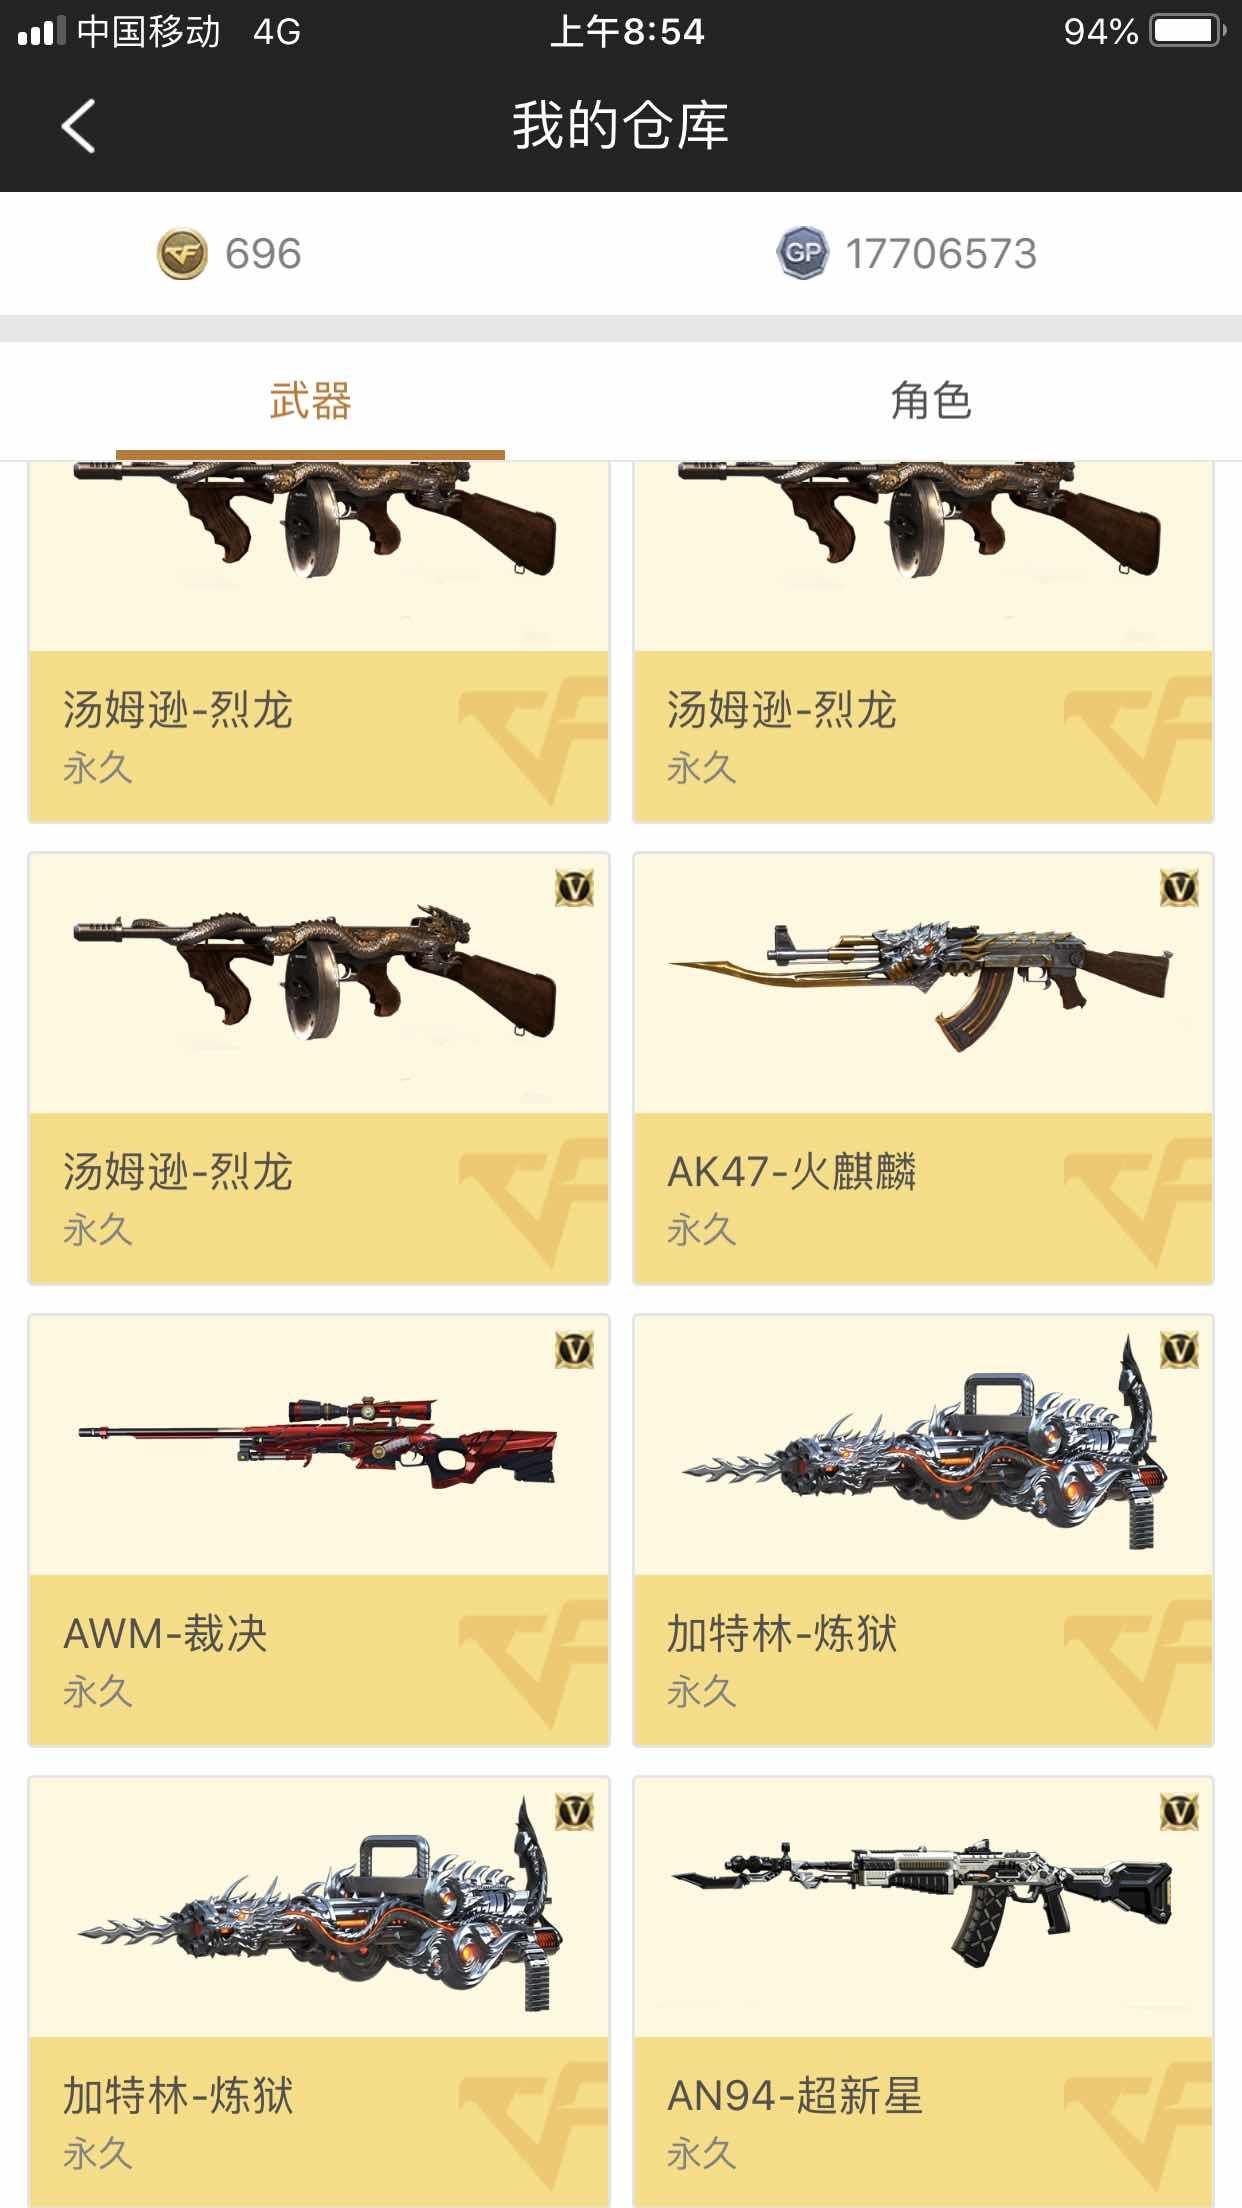 麒麟灵狐★44v4王者★2激光6列6盘25把英雄步上海大众朗逸操作说明图片